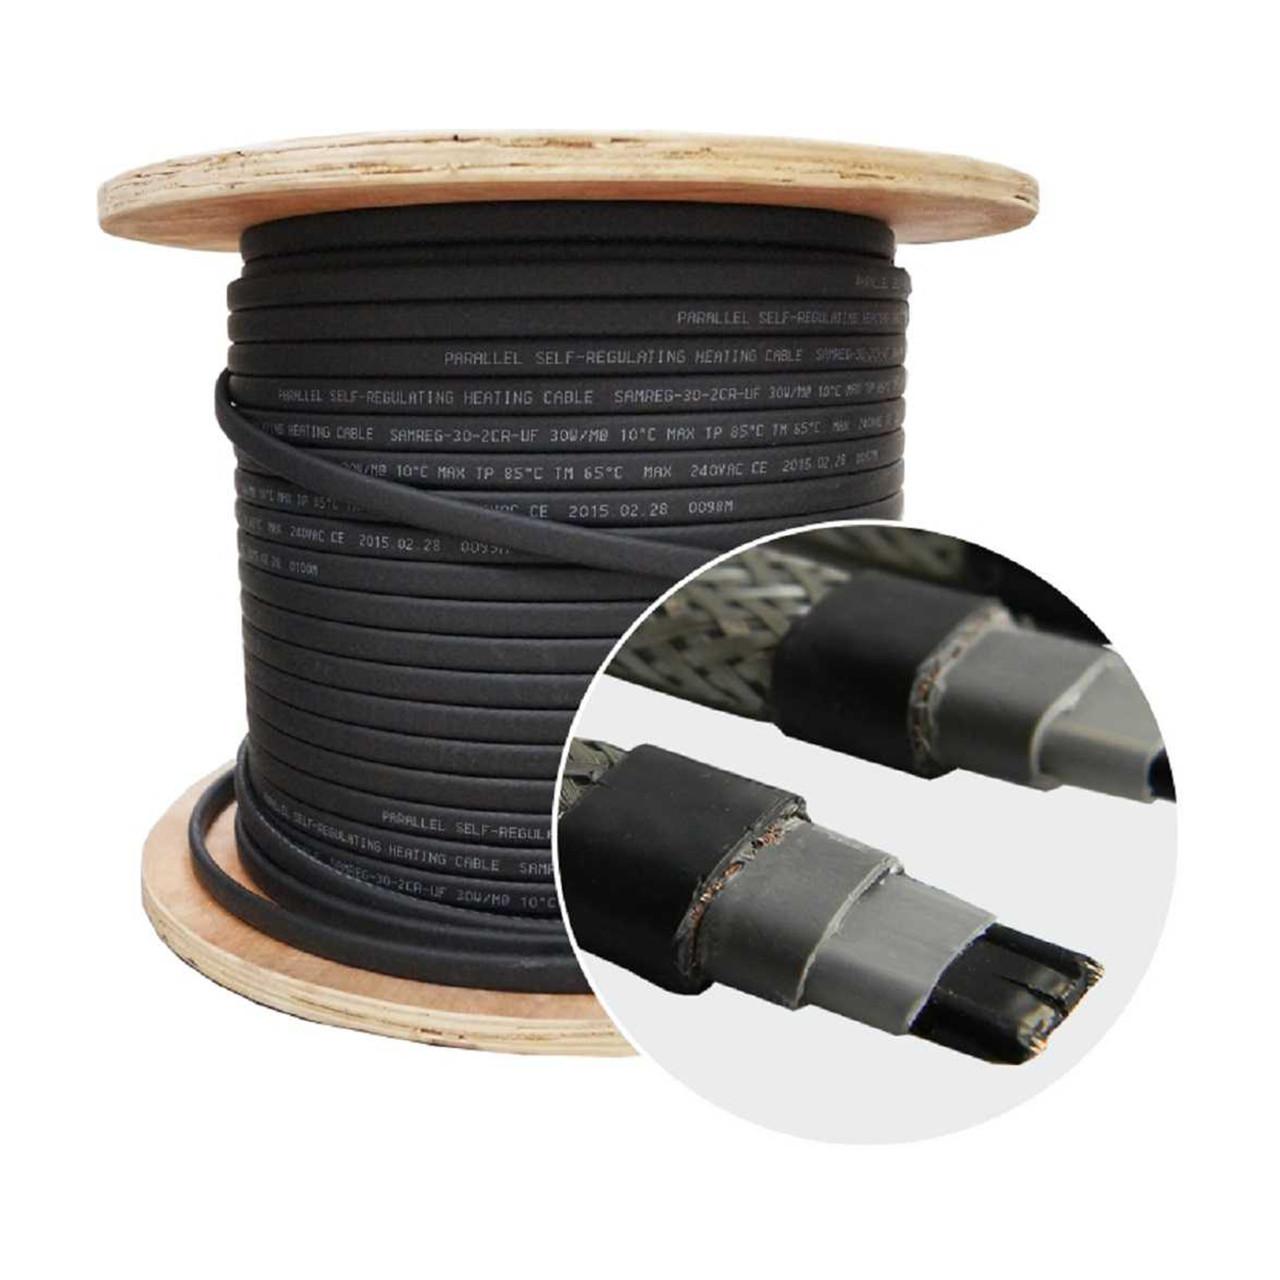 Саморегулирующийся нагревательный кабель SRL 30-2CR-UF